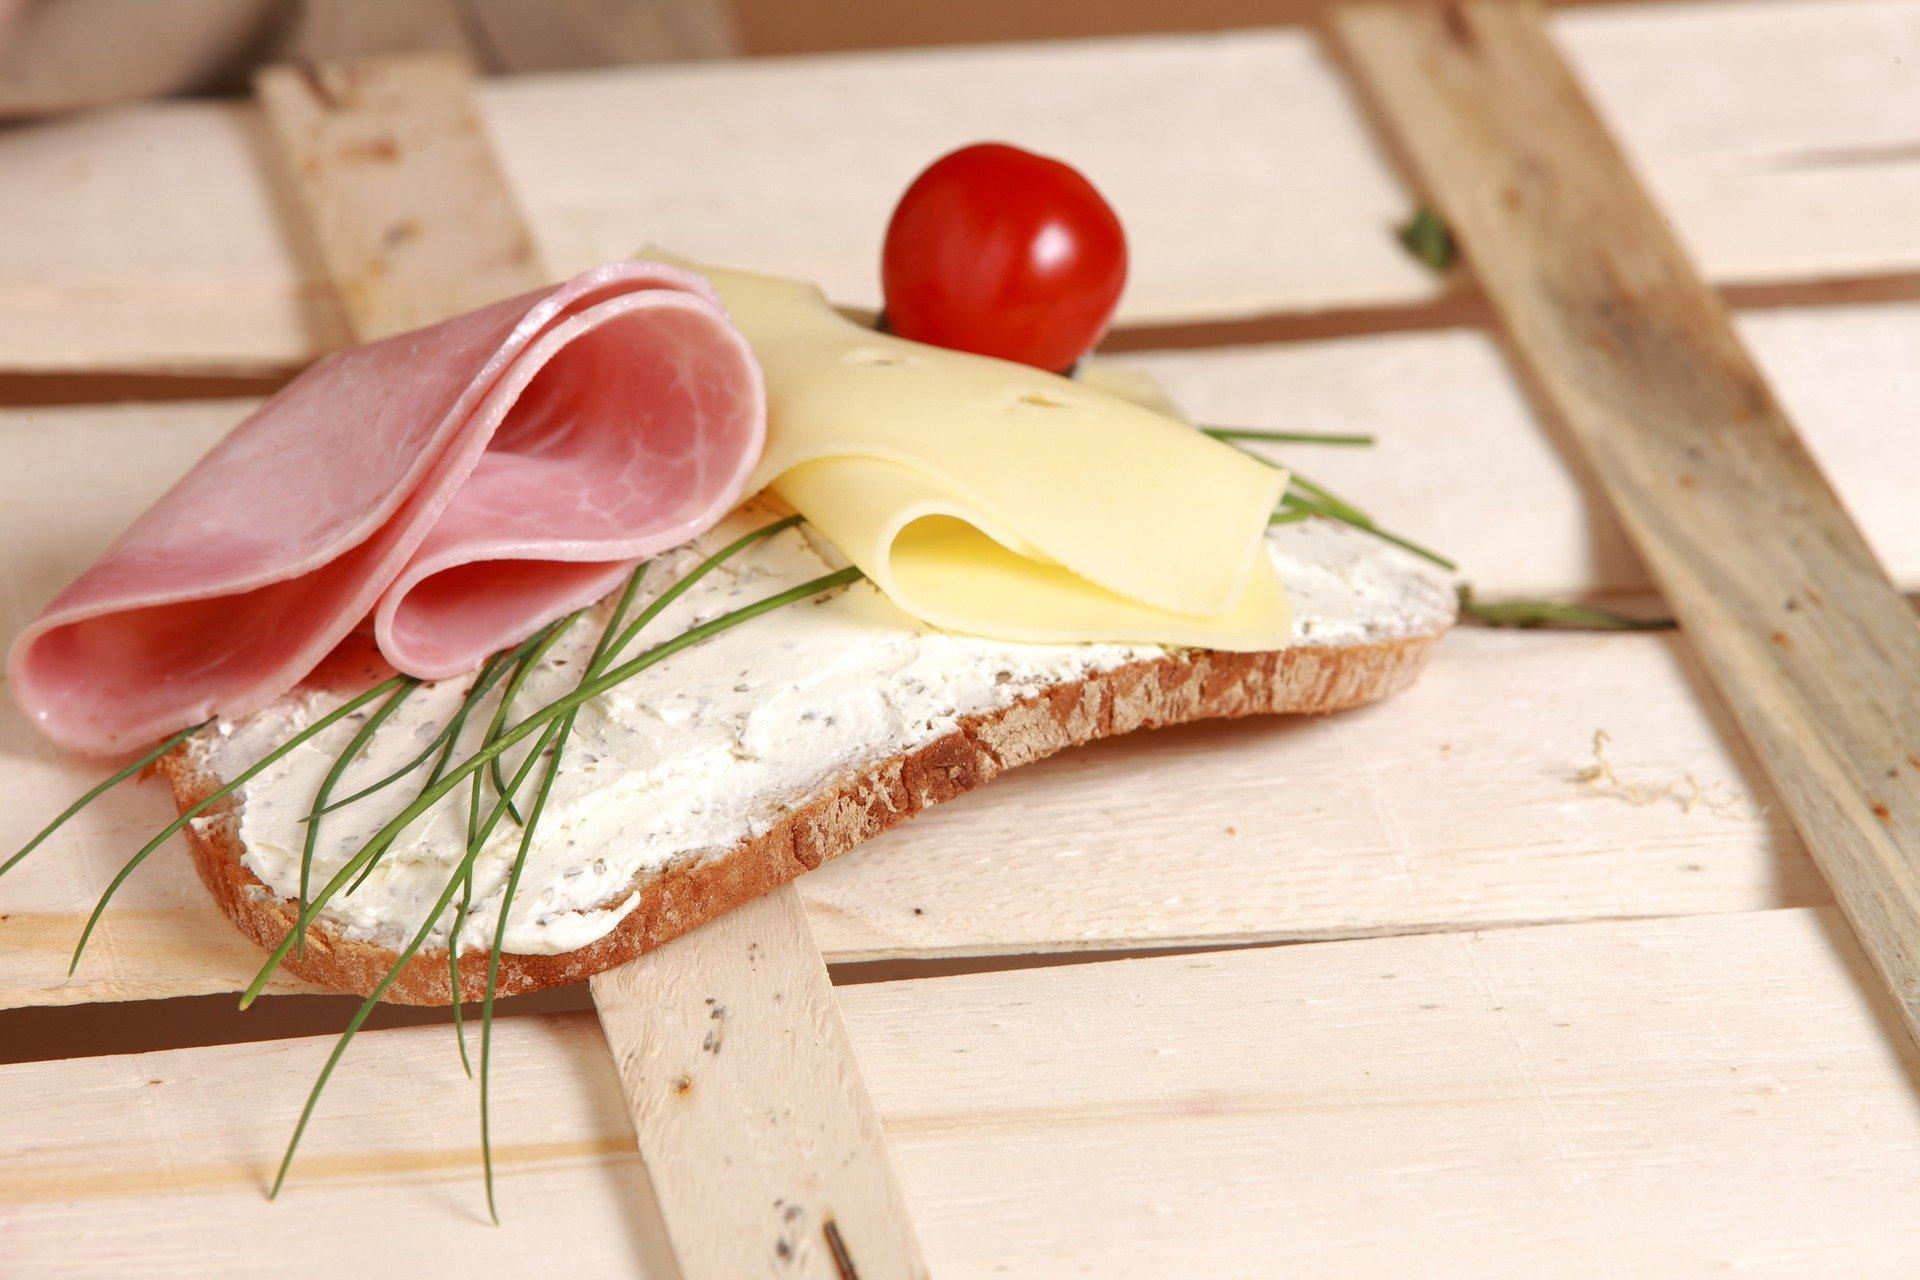 Ernährungstipp 3: Wurst- und Käsekonsum reduzieren